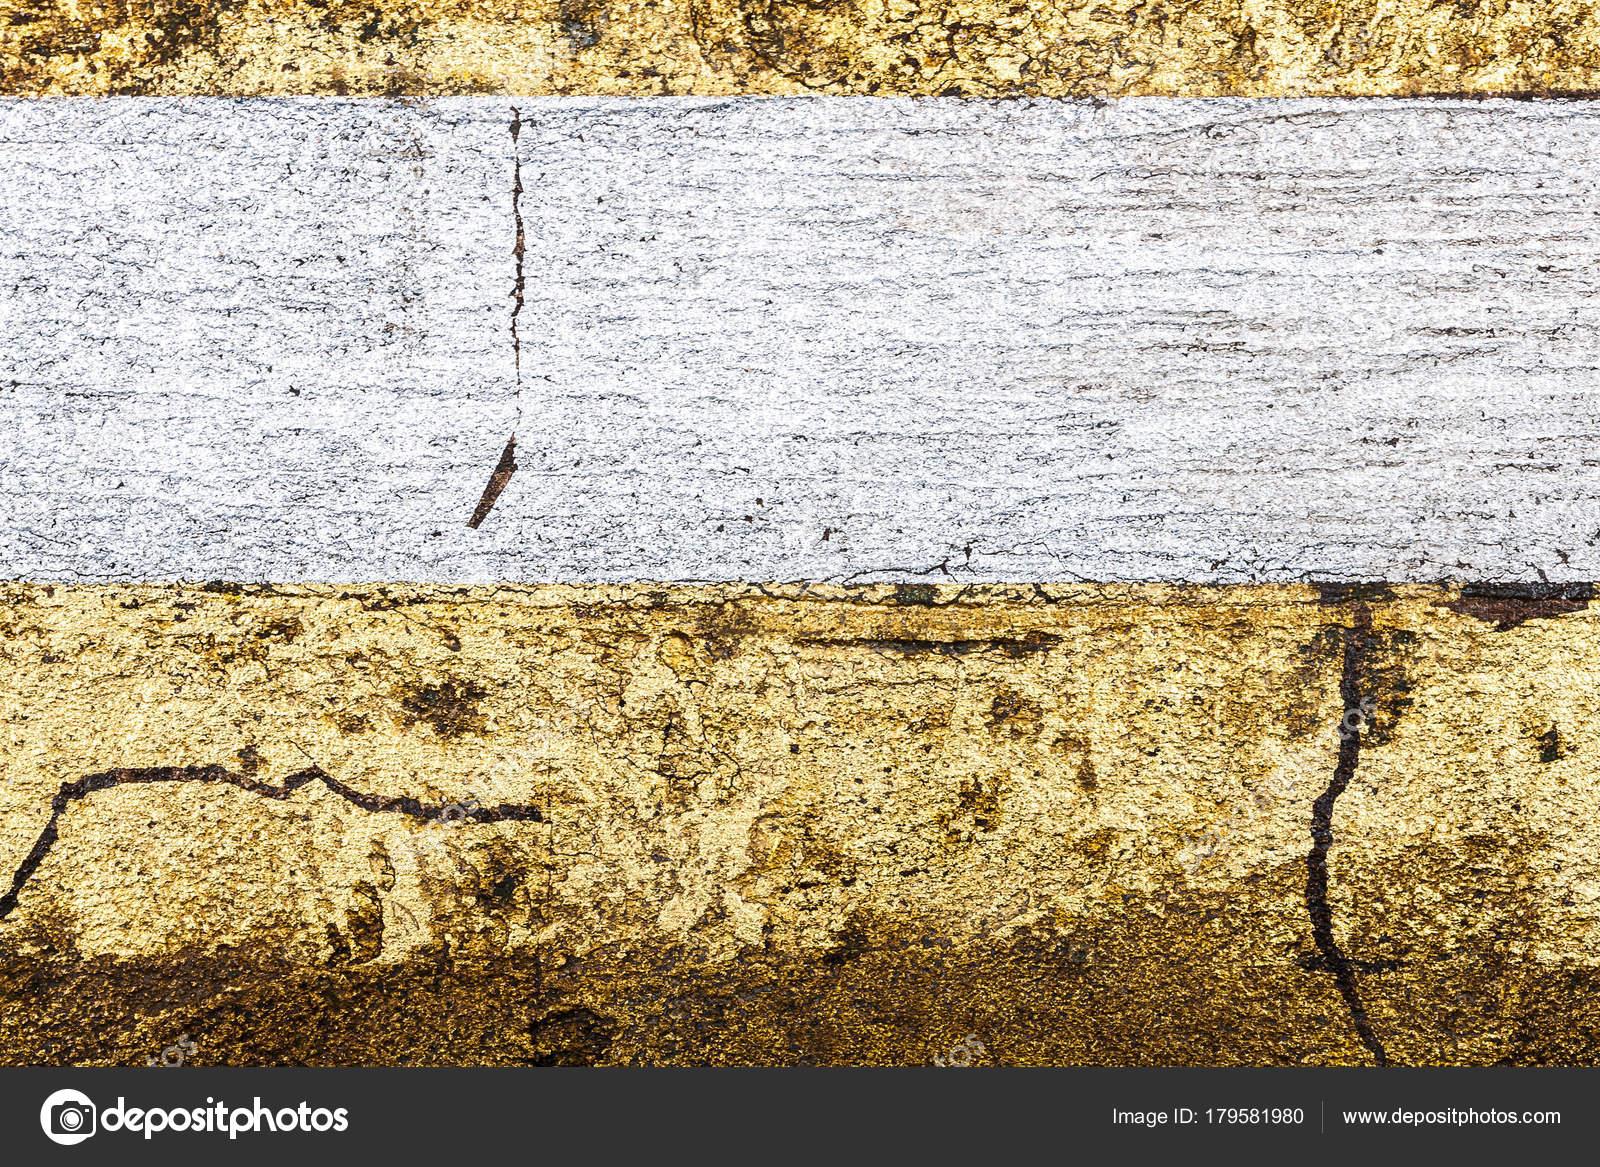 Wall decor texture — Stock Photo © Taigi #179581980